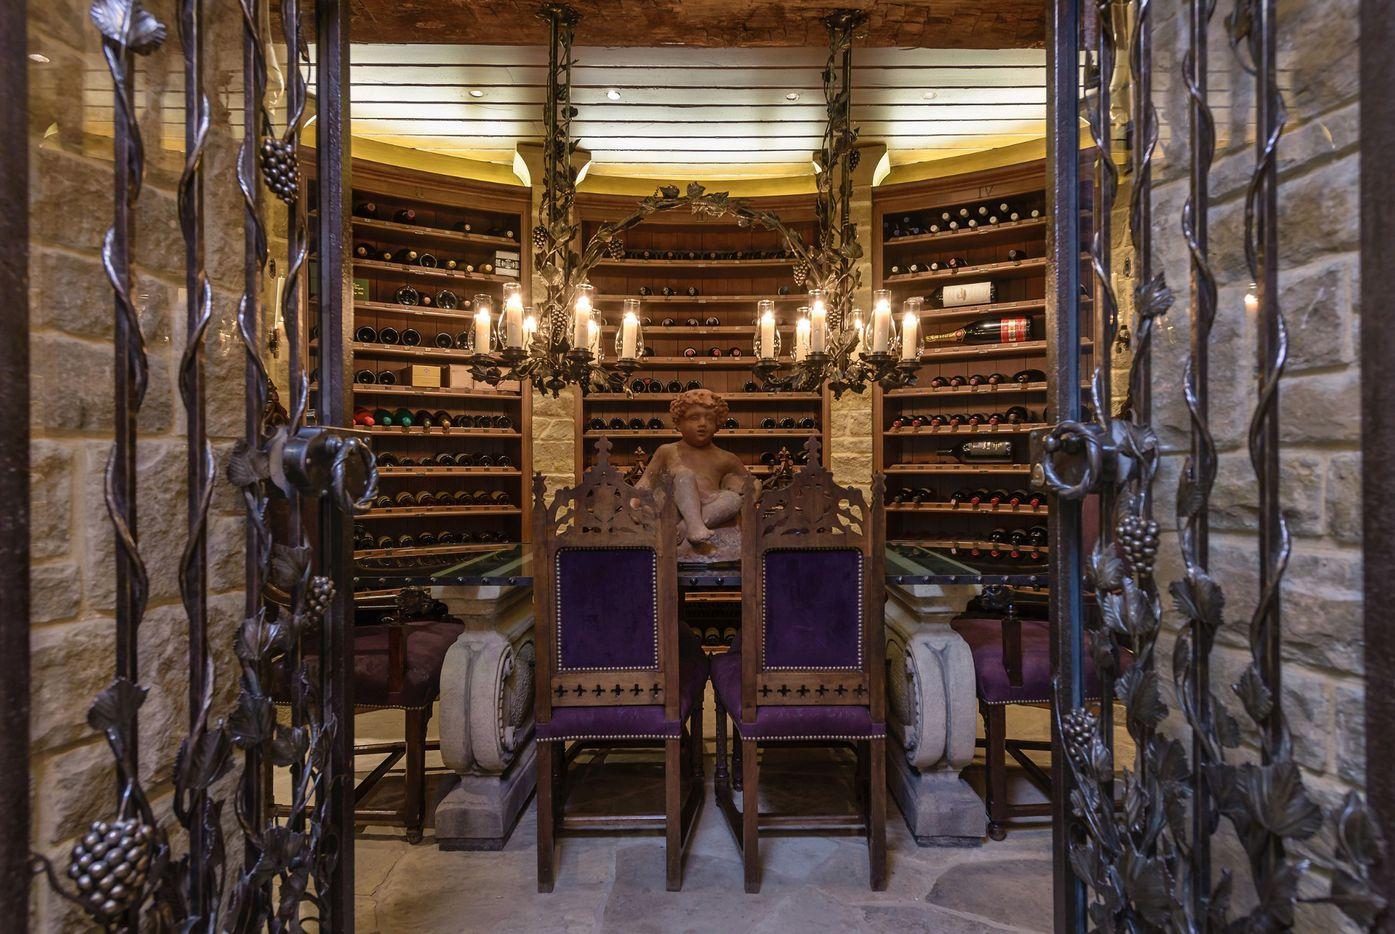 The wine cellar in the Tolleson estate